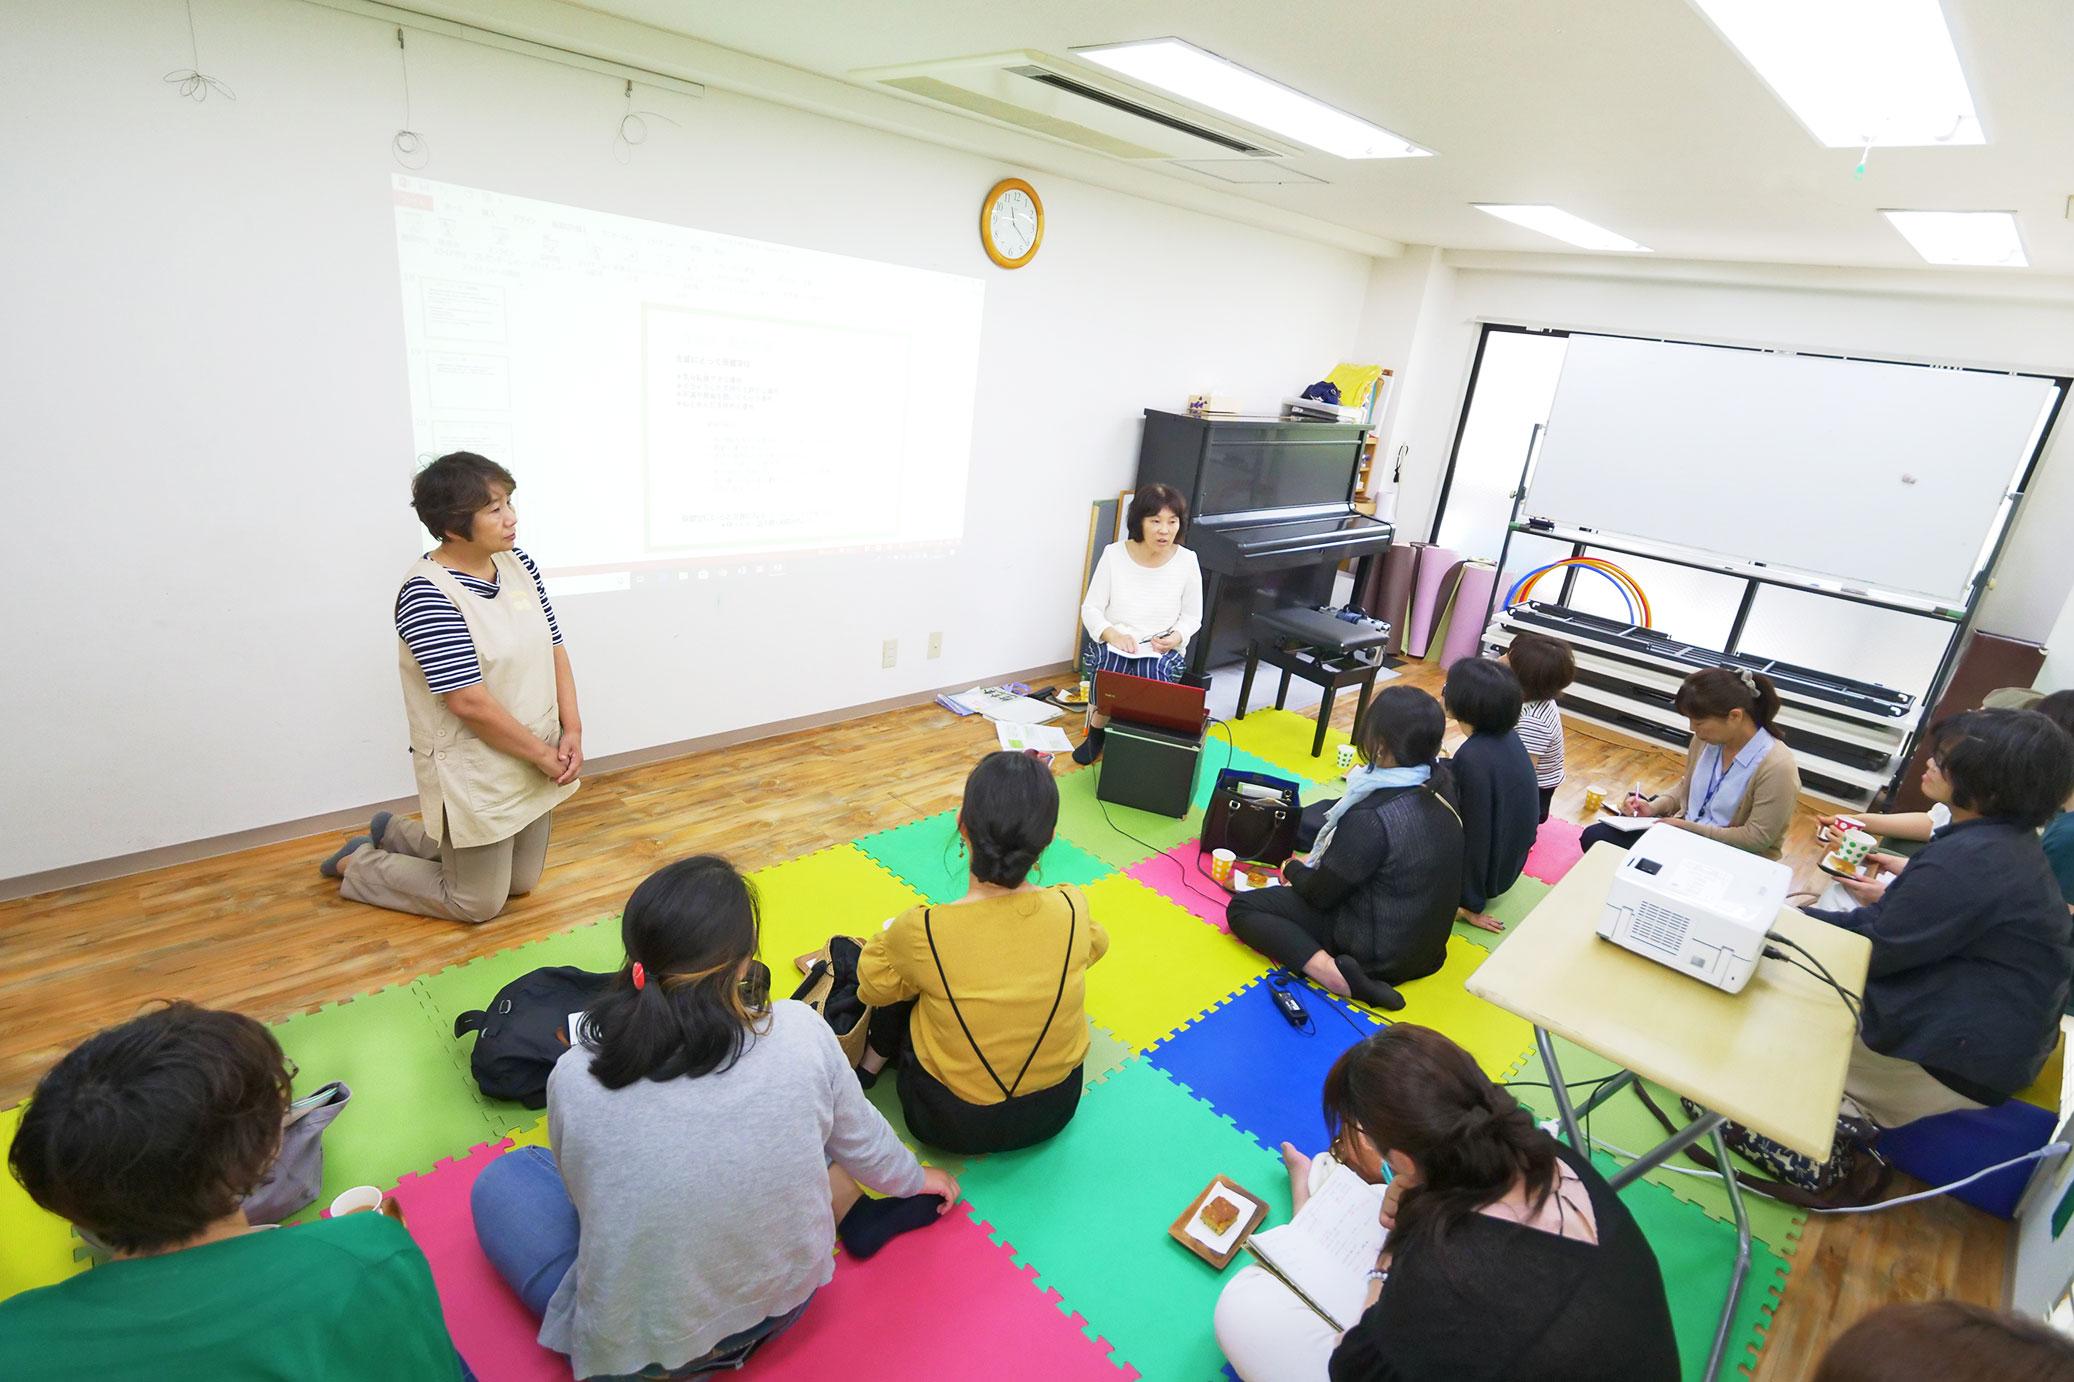 毎月第3木曜日10時〜12時に開催している「虹色カフェ」